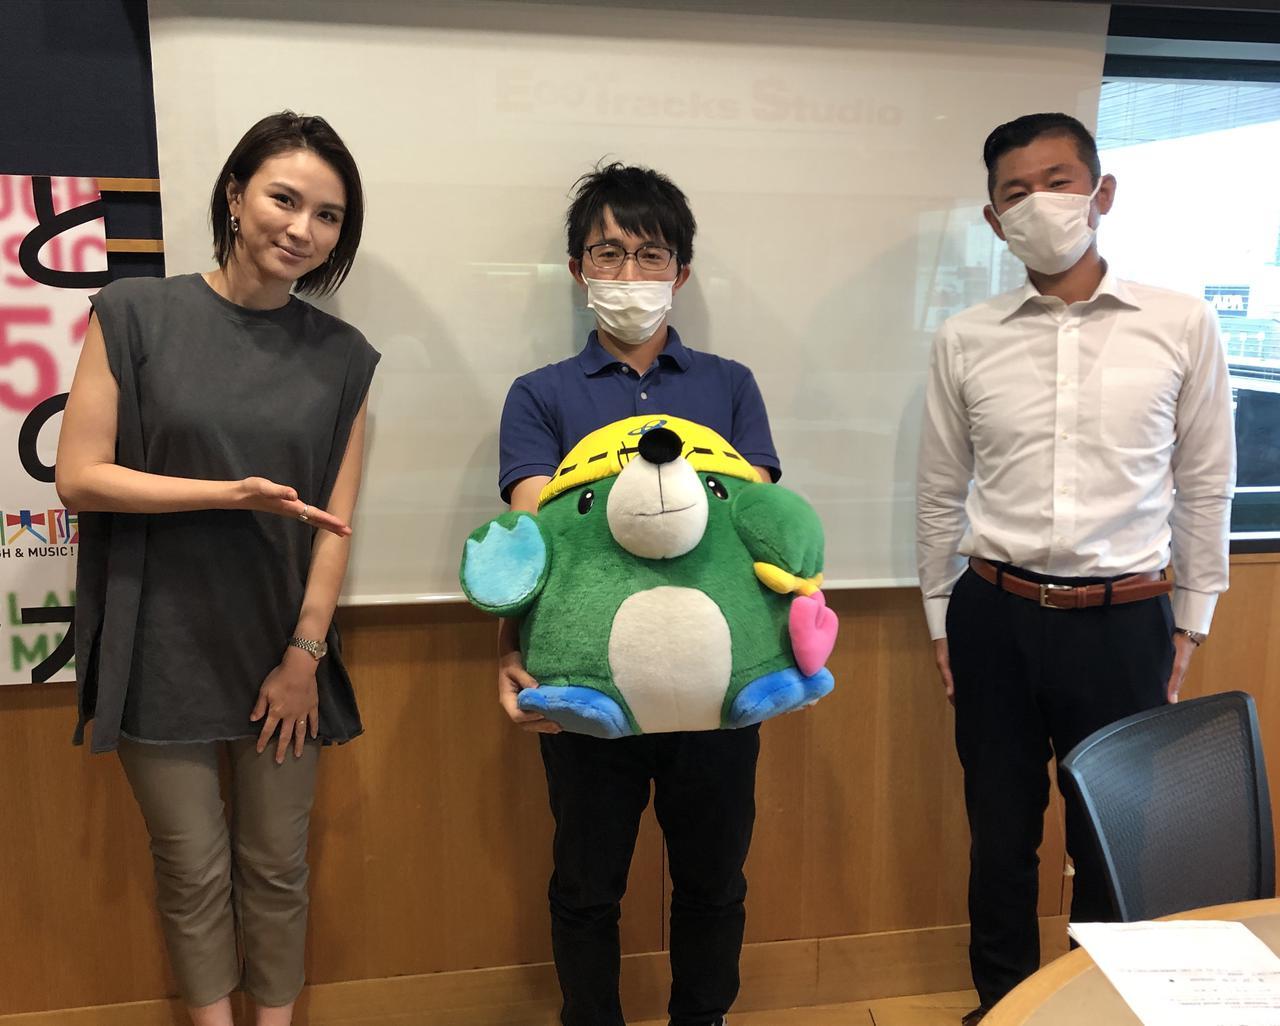 画像1: 9月29日水曜日 阪神高速maruごとハイウェイ!